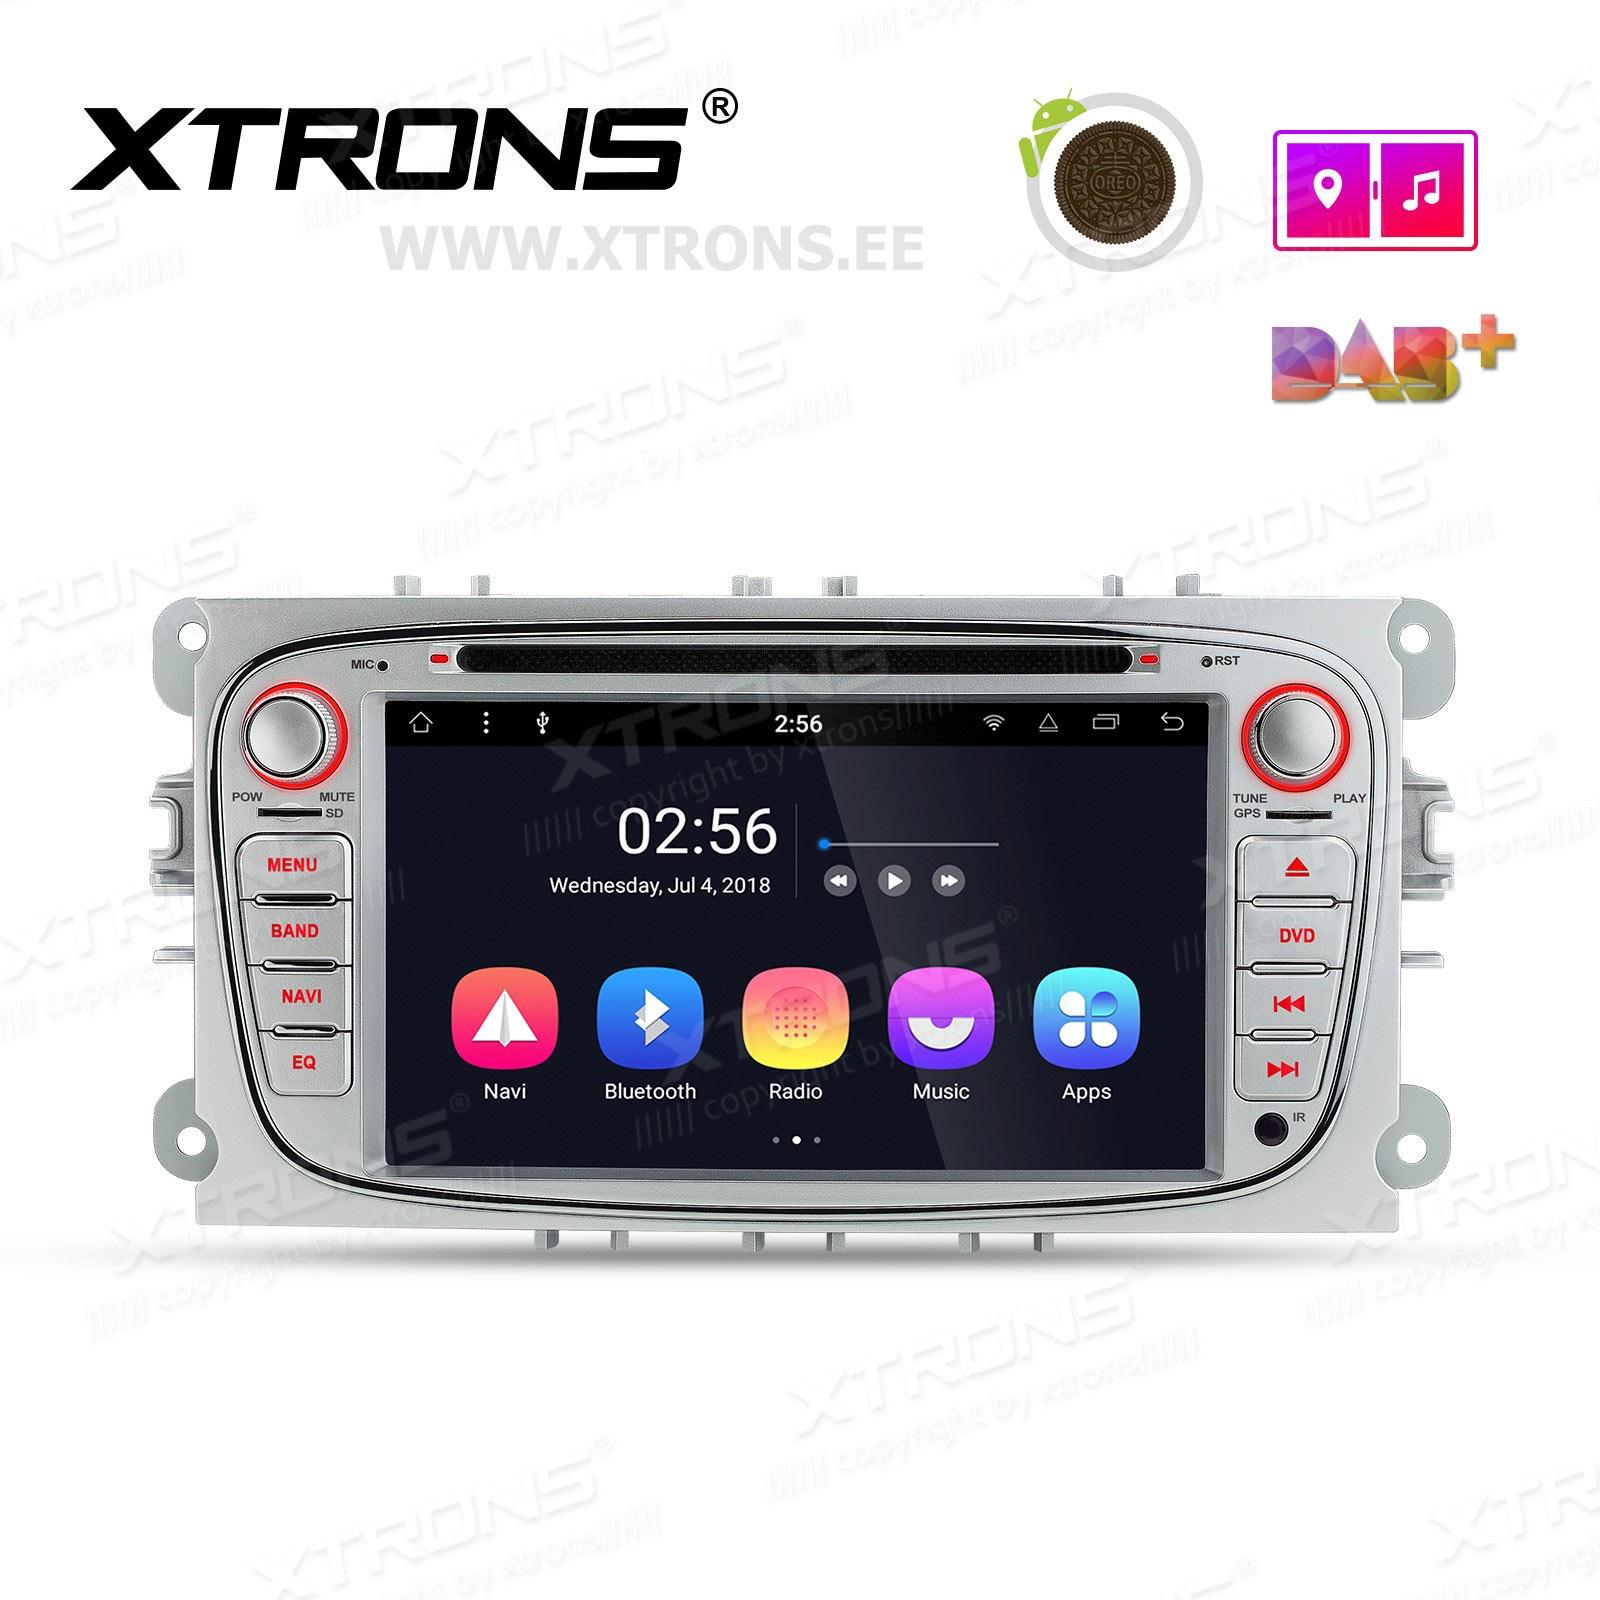 XTRONS PR78FSF-S